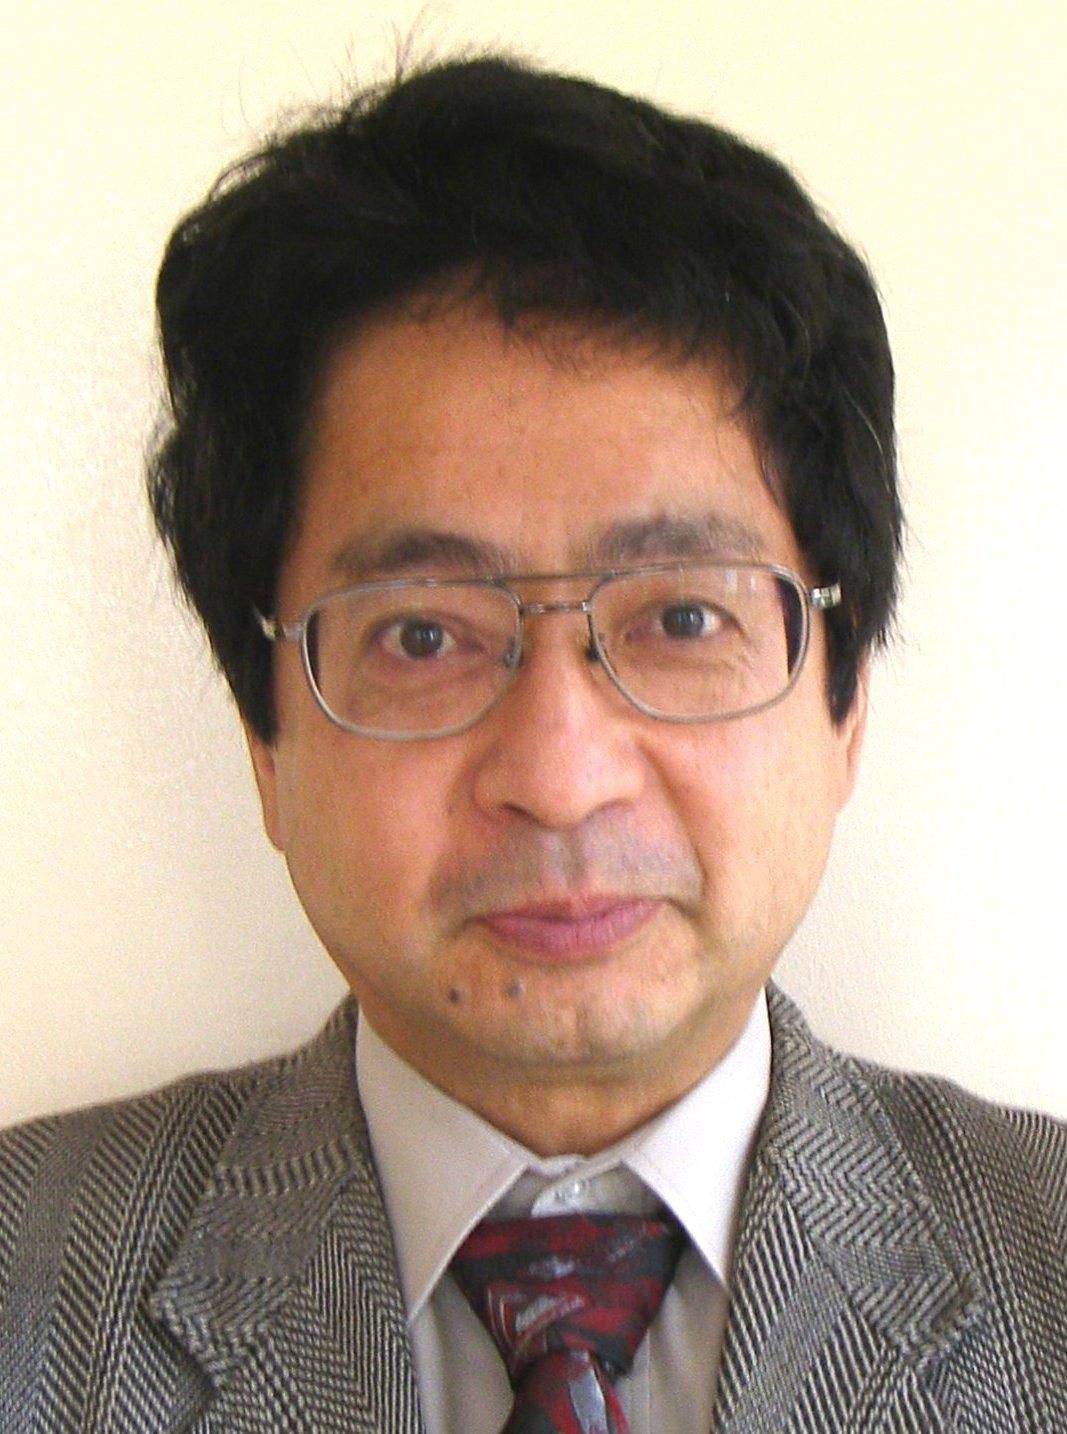 浜松市立曳馬小学校 山崎 章成先生